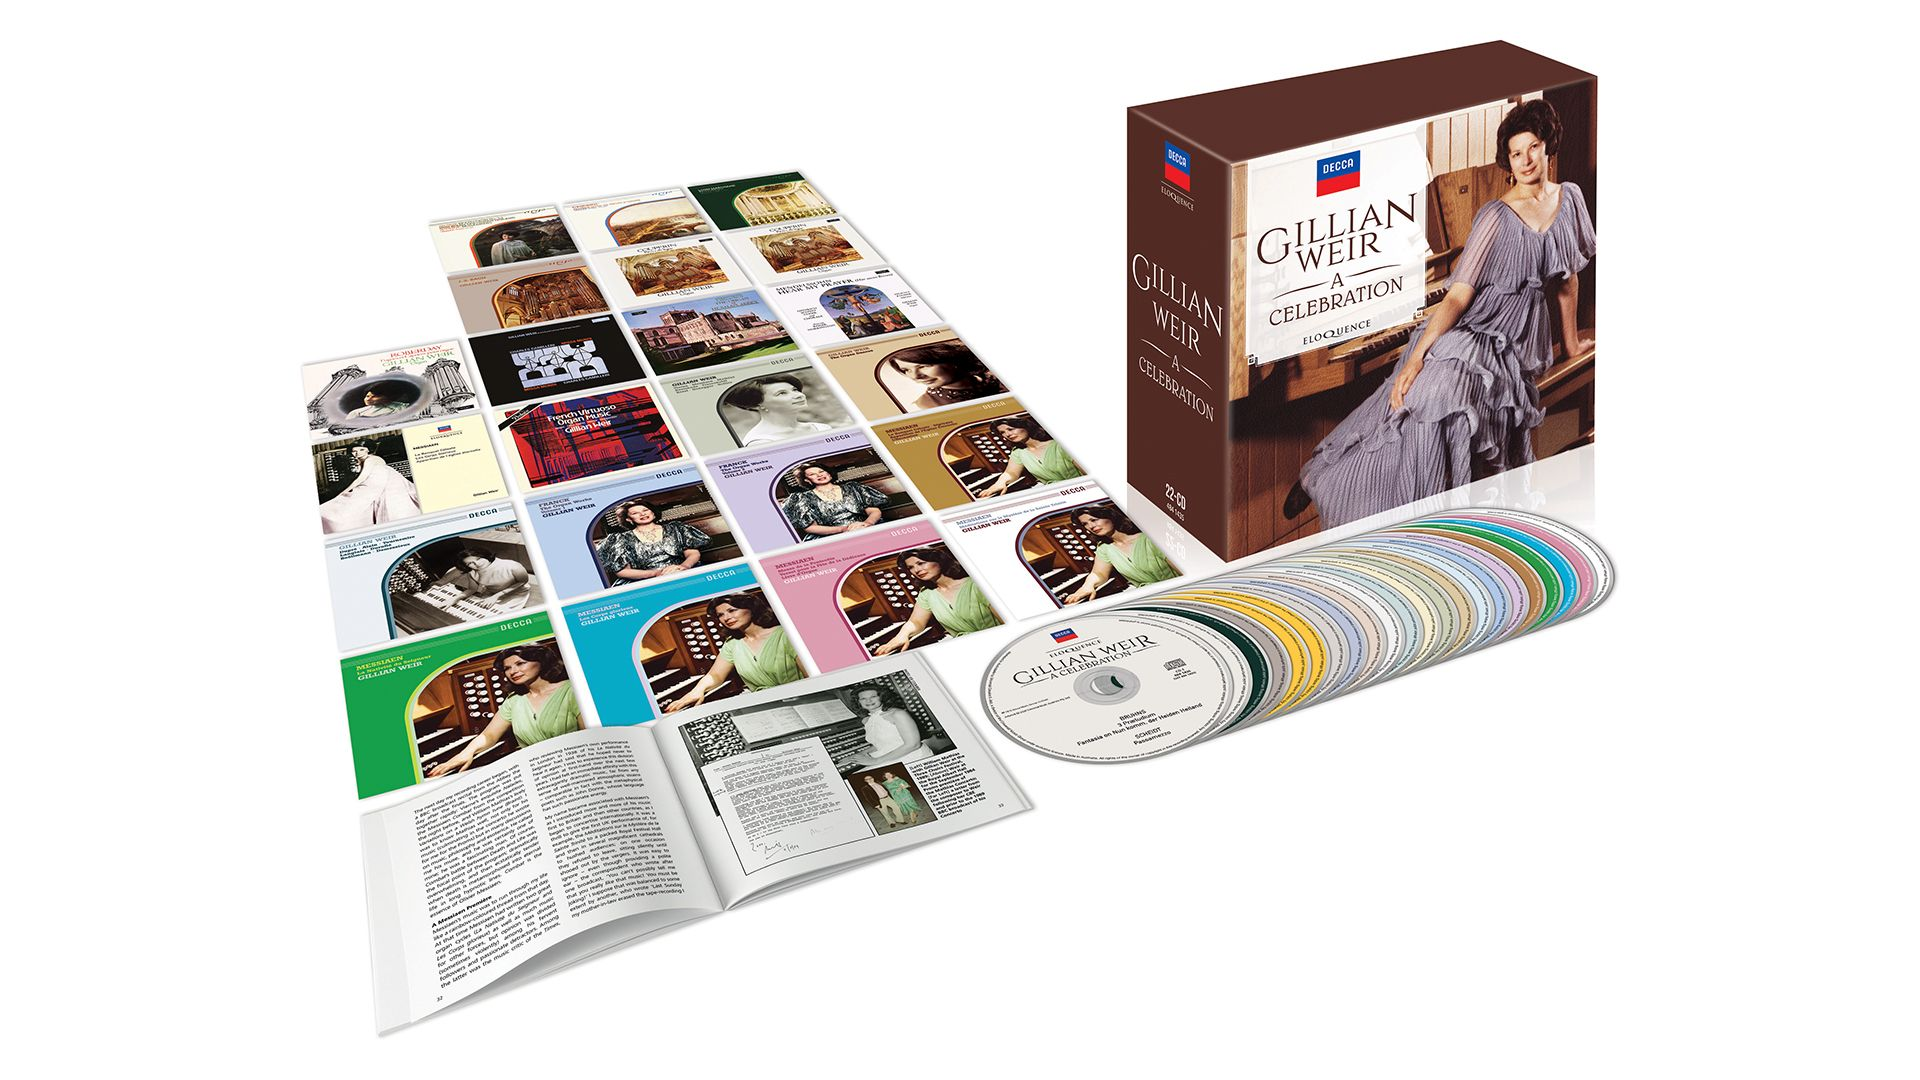 Gillian Weir<span class='watch-video'>Watch Video ...</span>